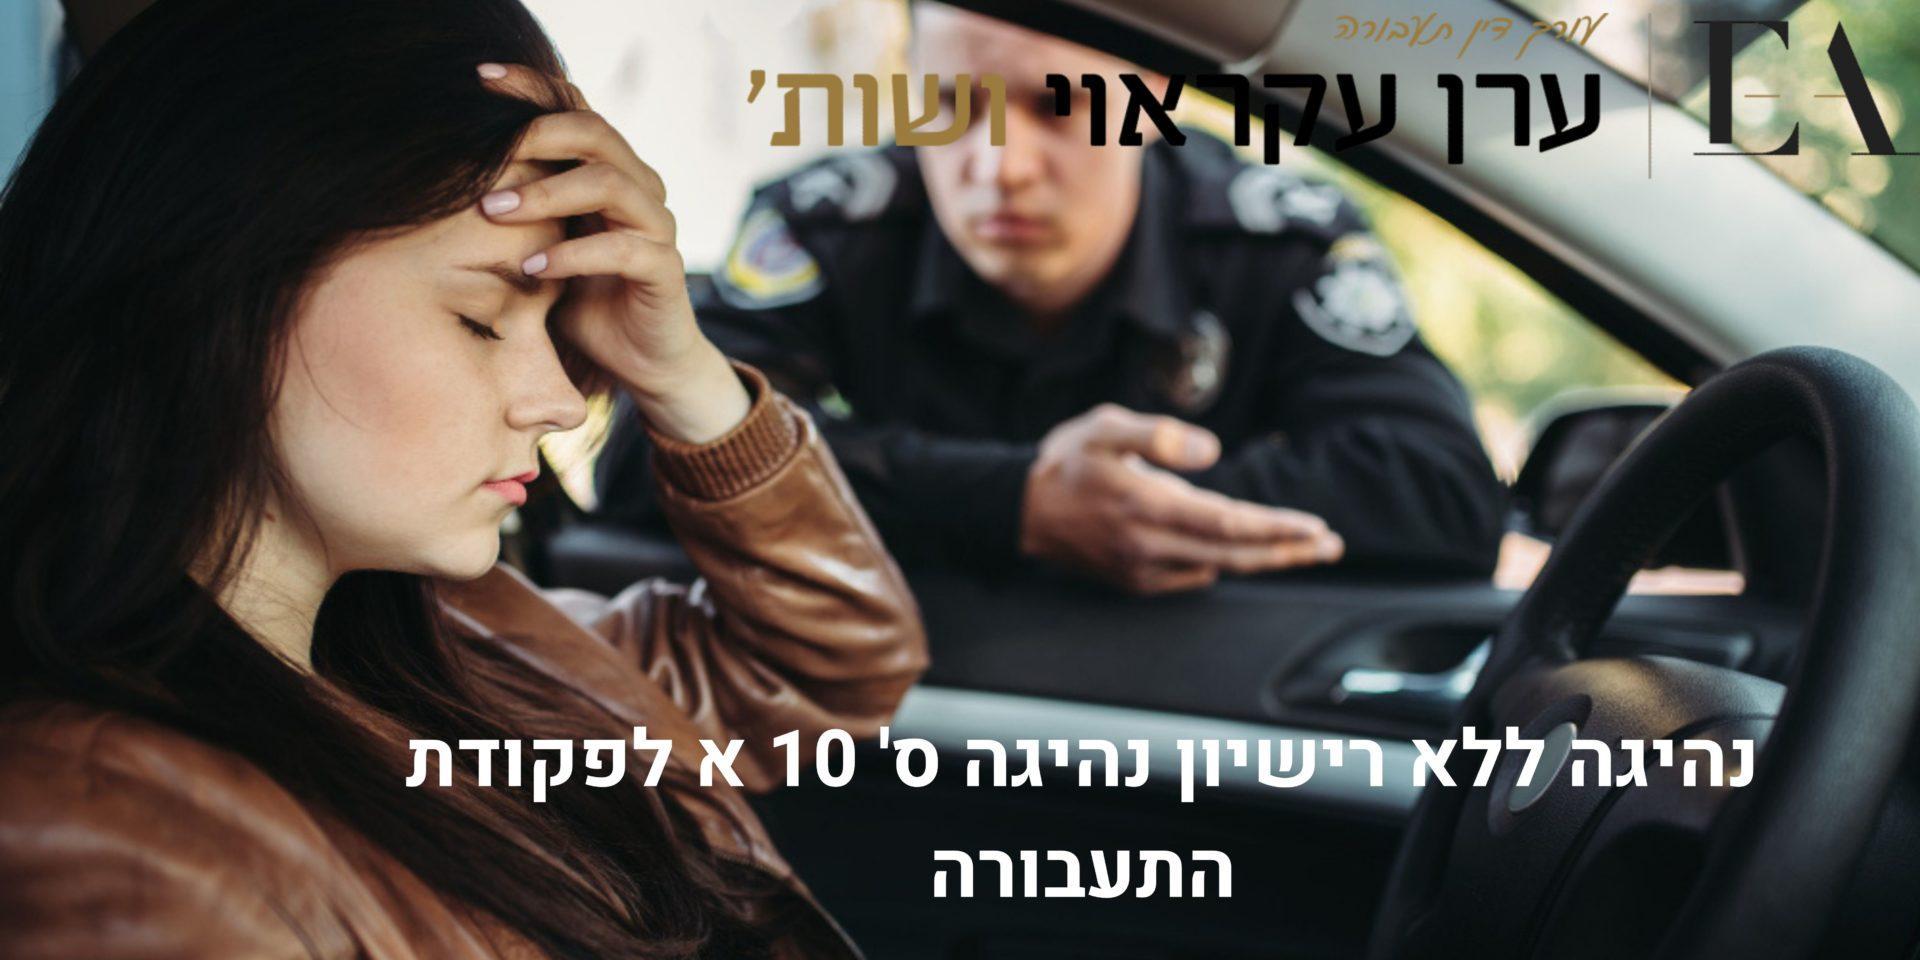 שוטר תנועה עומד - נהיגה ללא רישיון